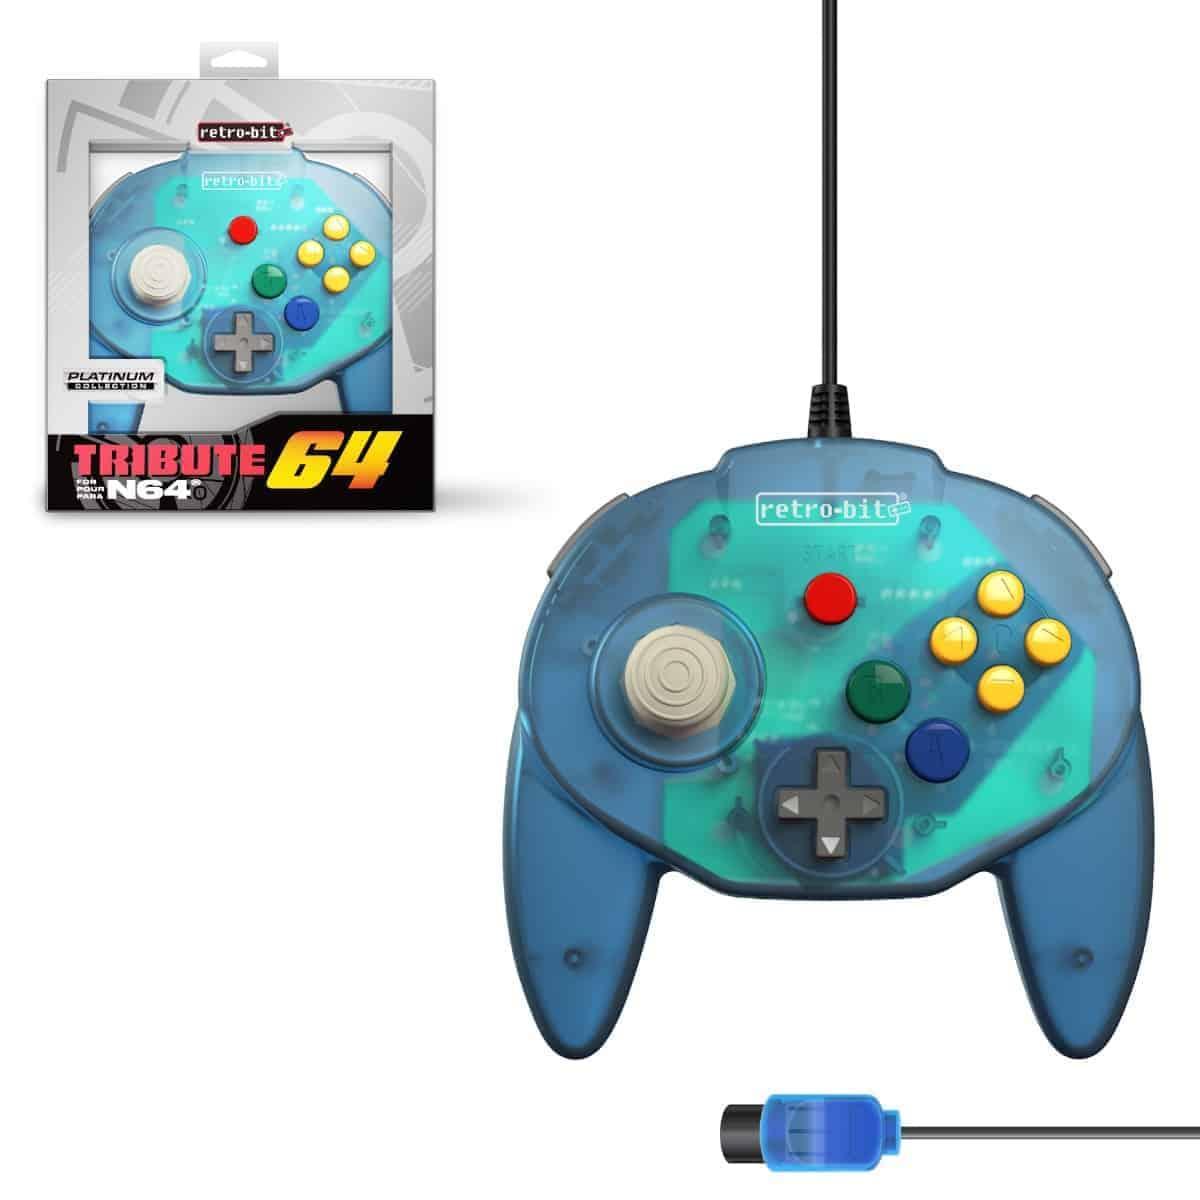 Retro-Bit Tribute 64 Ocean Blue Nintendo 64 Controller